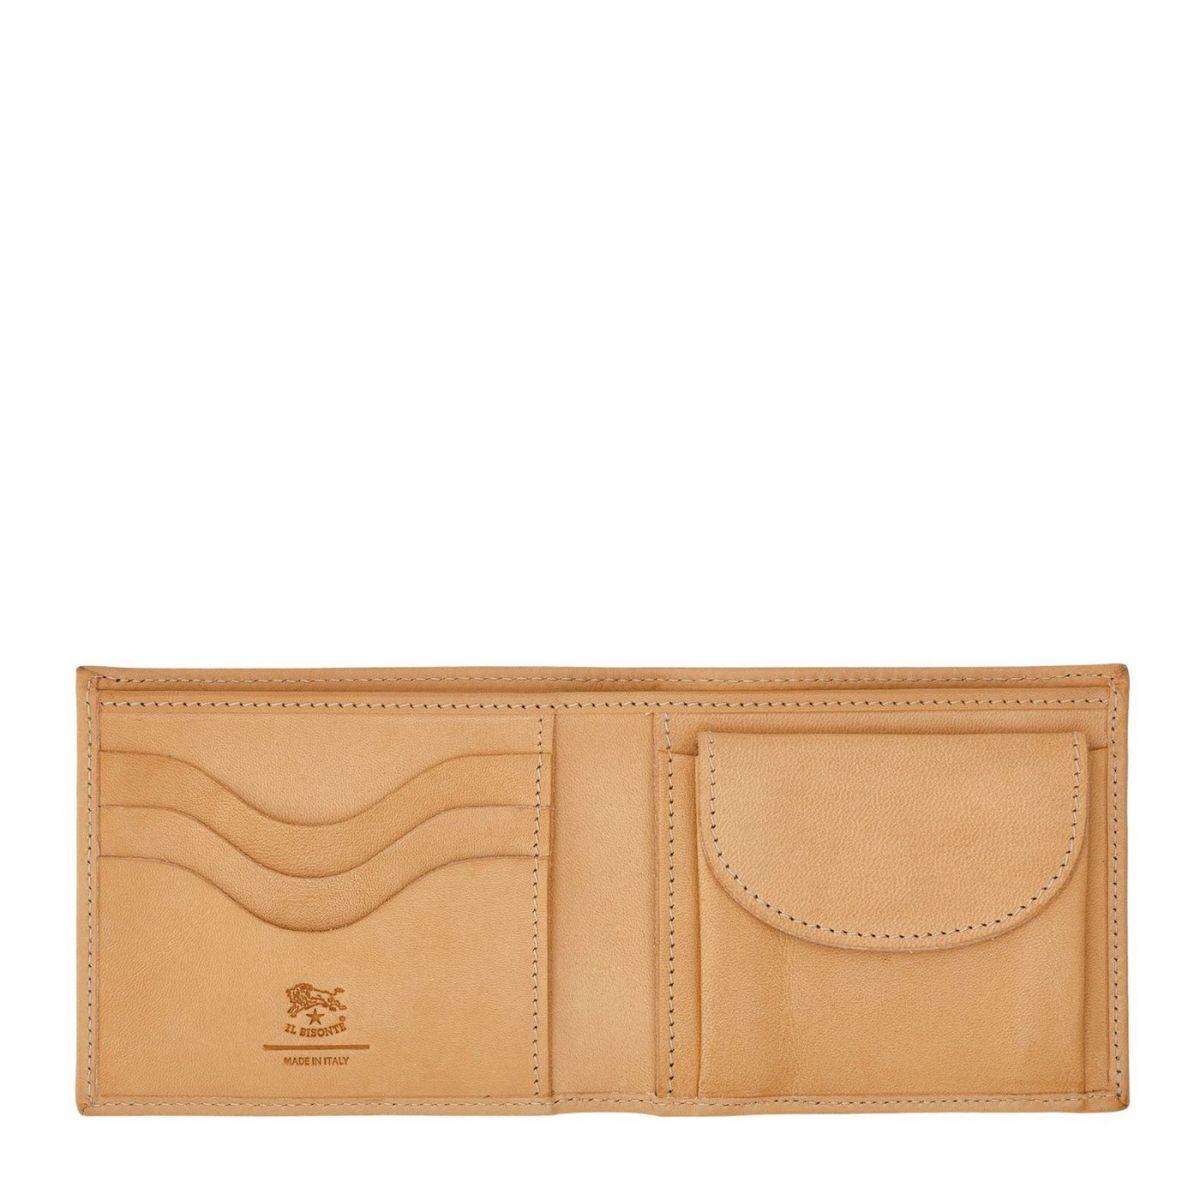 Men's Bi-Fold Wallet  in Cowhide Leather SBW041 color Natural | Details